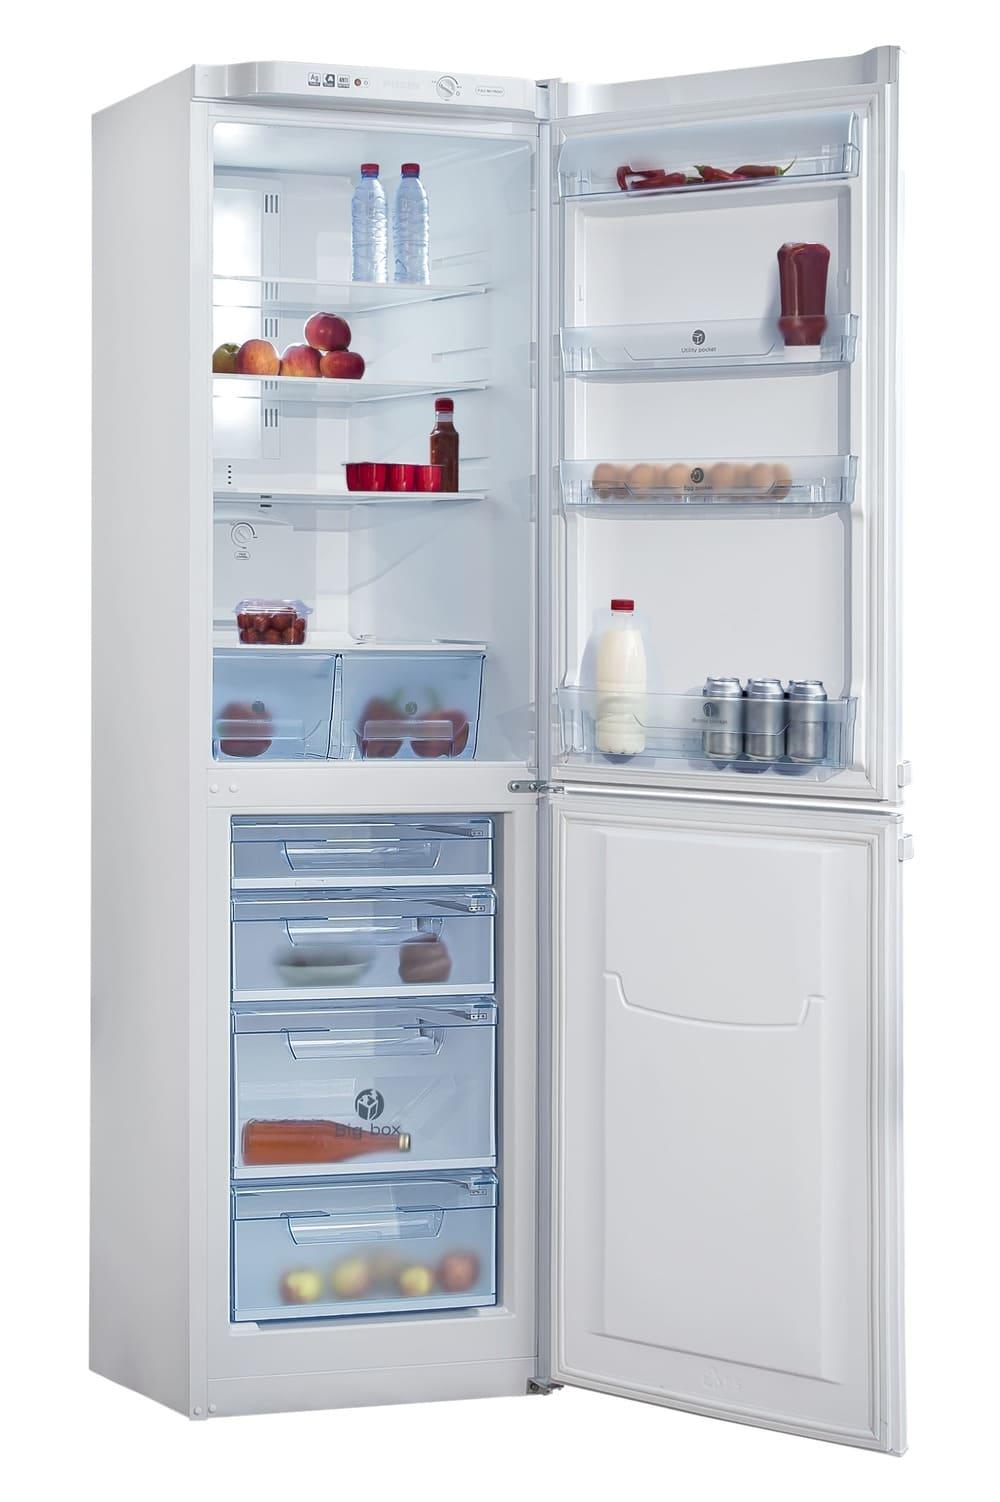 видео холодильник позис инструкция по применению фото секрет, что малыши